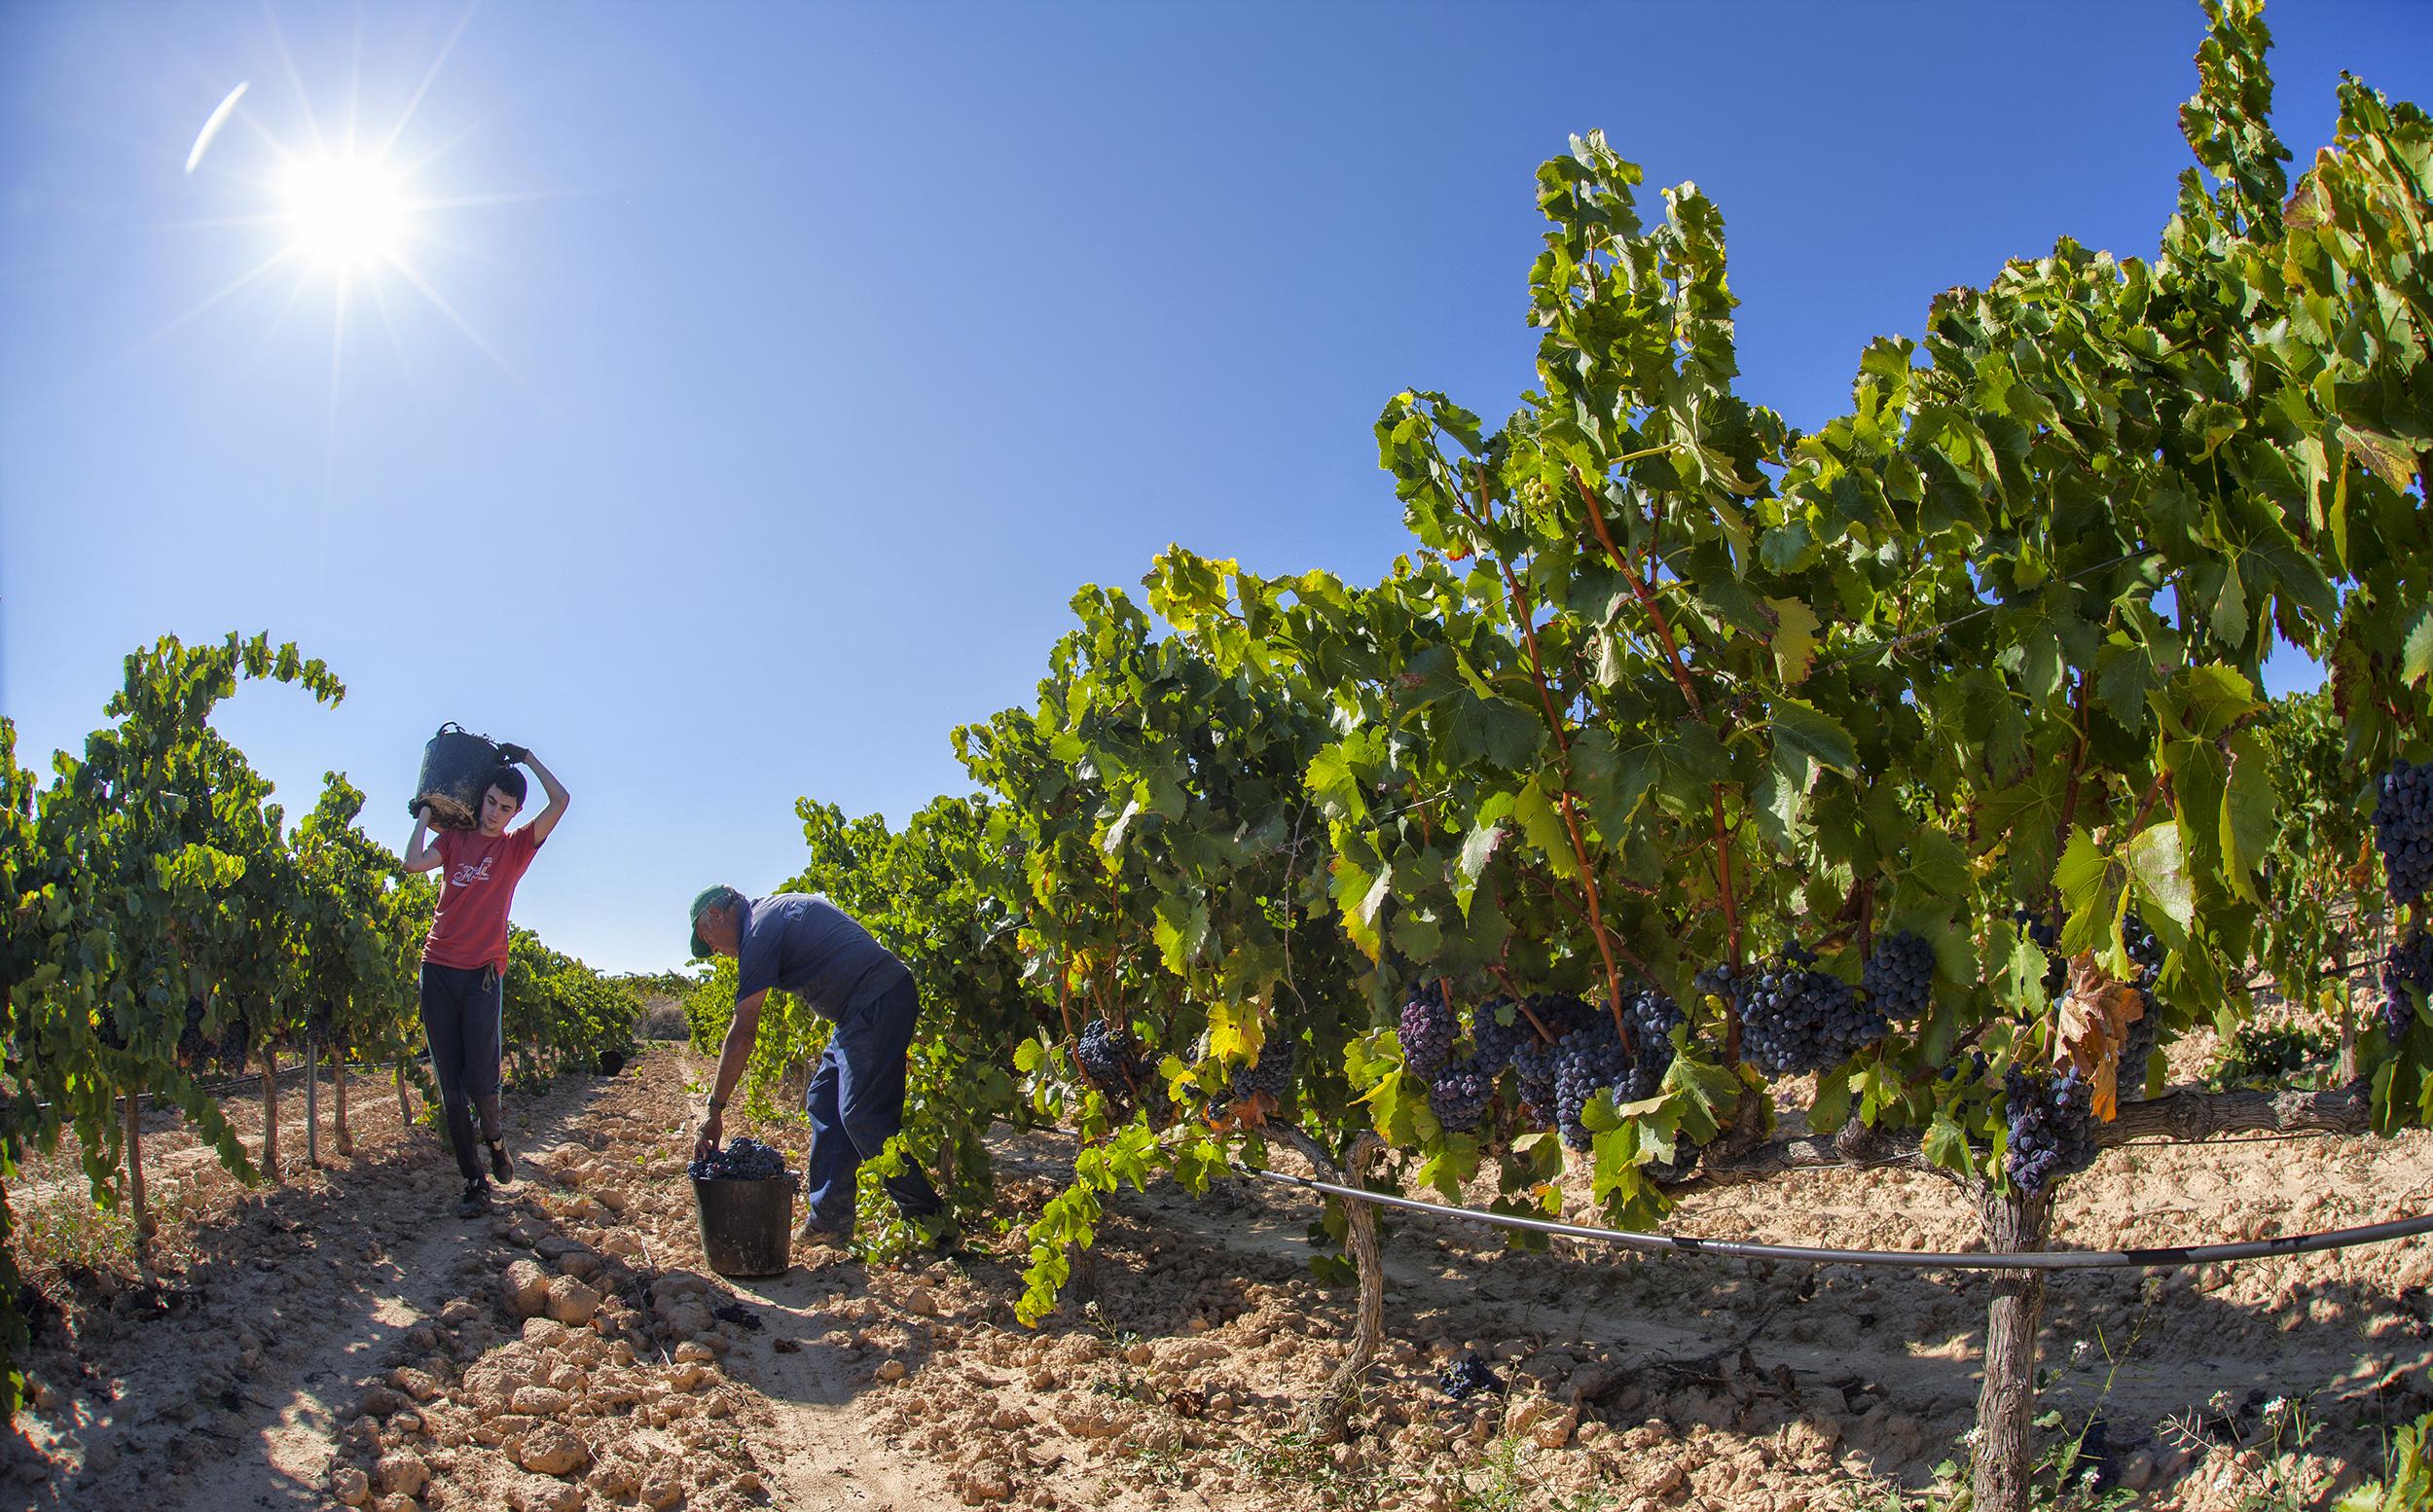 Viticulteurs cueillant du grenache blanc © Patronat de Turisme de les Terres de l'Ebre